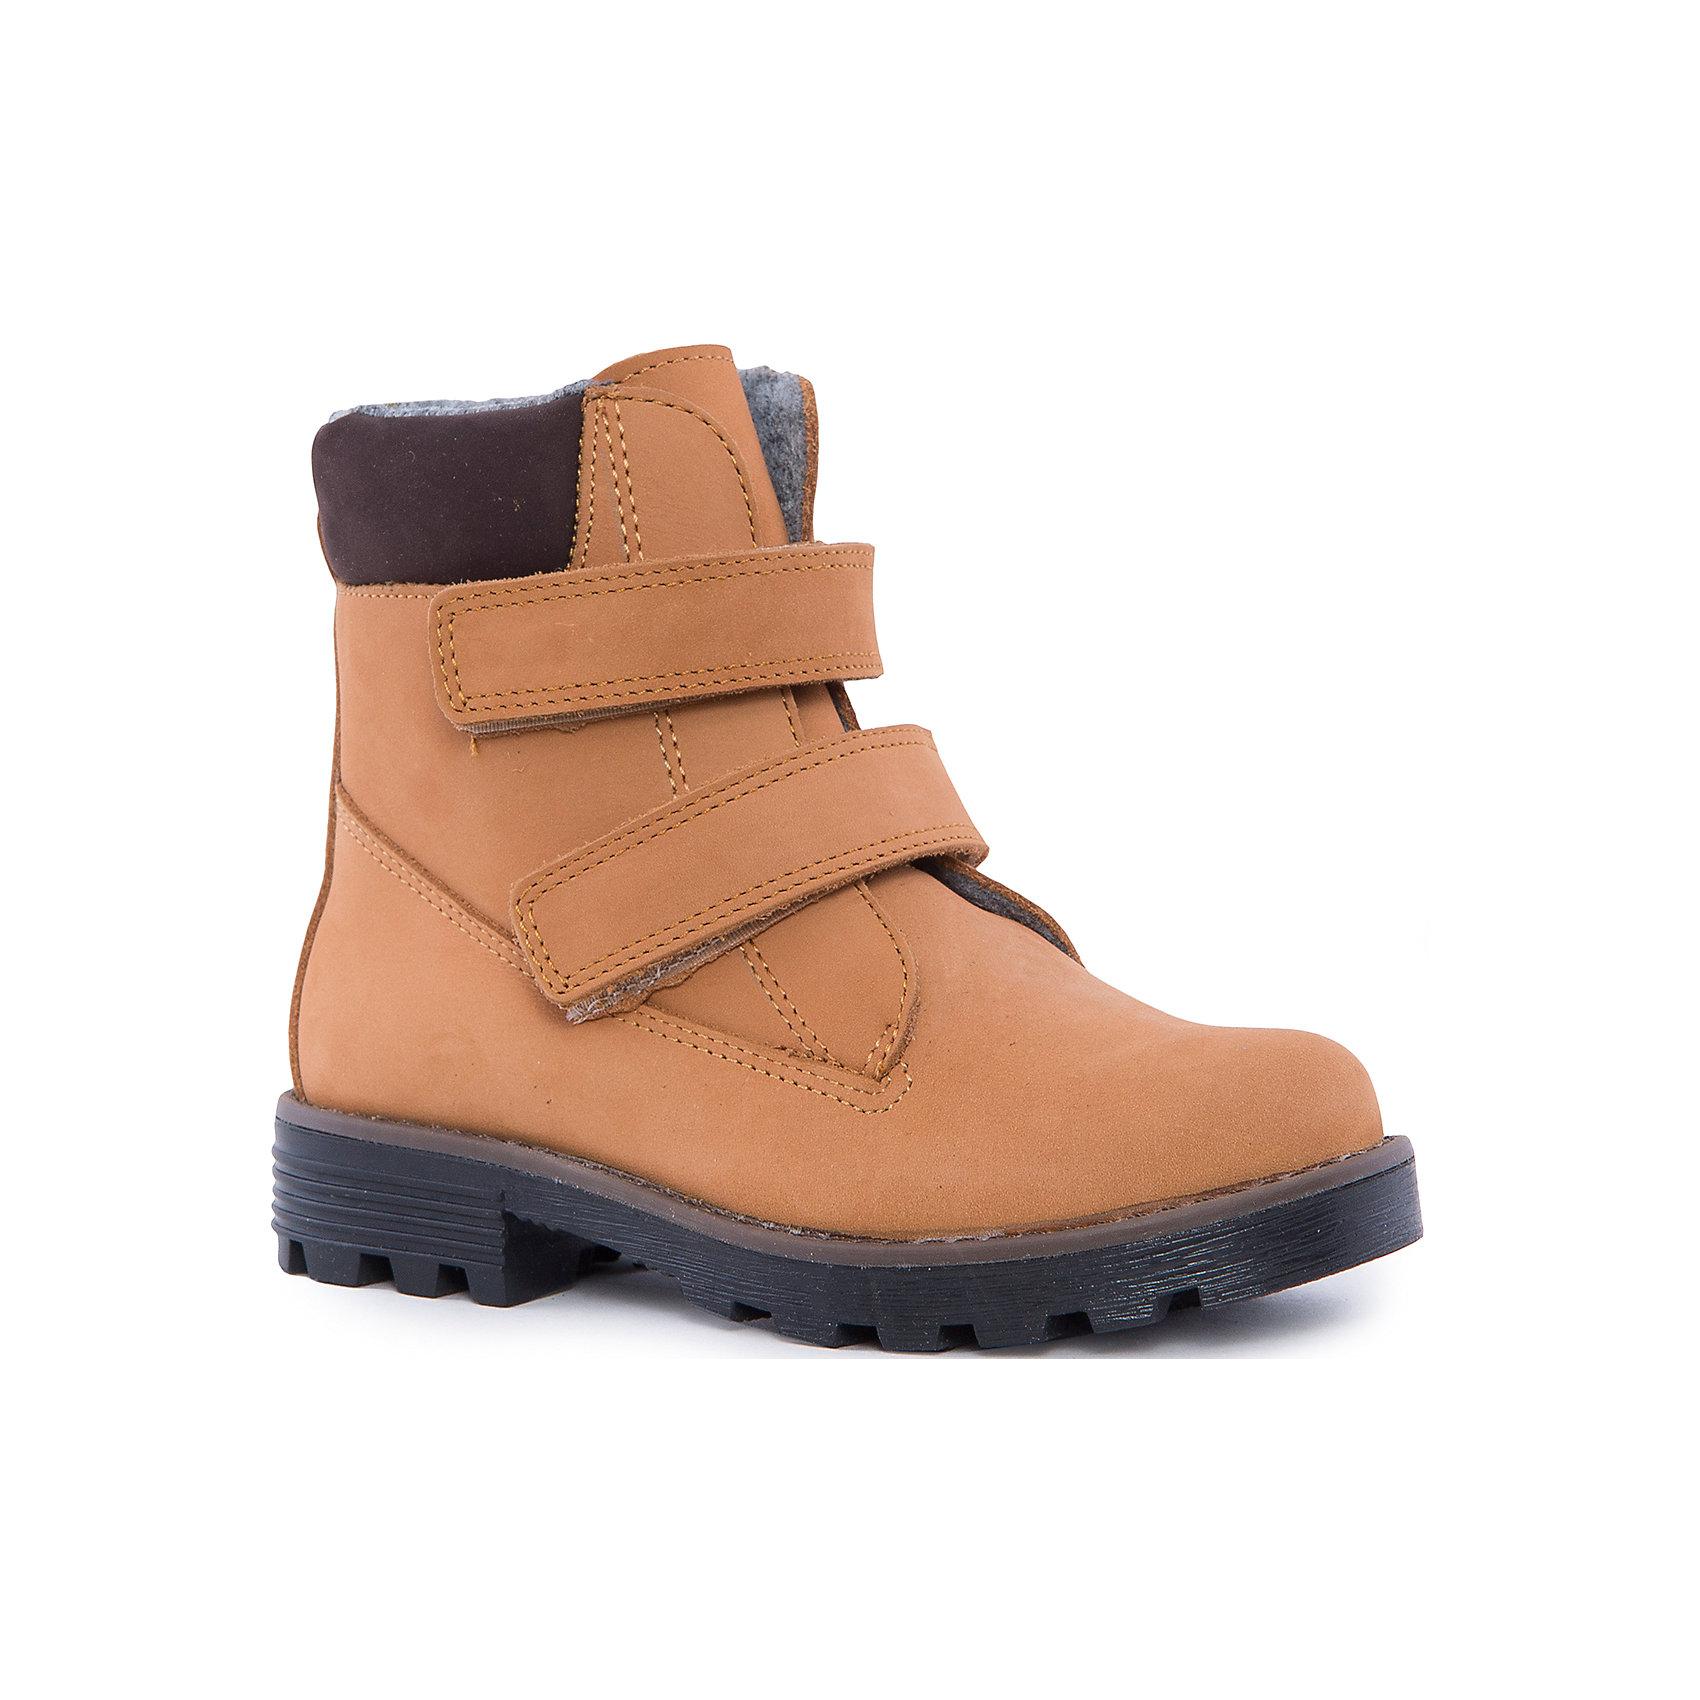 Ботинки для мальчика КотофейКотофей – качественная и стильная детская обувь по доступным ценам. С каждым днем популярность бренда растет.  С наступлением осенних холодов очень важно выбрать удобную и теплую обувь, которая защитит ножки малыша от промокания, а здоровье от простуды. Стильные желтые ботинки на удобной застежке – липе шнуровке – прекрасный выбор обновки гардероба к новому сезону. Модель отвечает всем модным требованиям.<br><br>Дополнительная информация:<br><br>цвет: жёлтый;<br>вид крепления: на клею;<br>застежка: липучка;<br>температурный режим: от 0°С до +15° С.<br><br>Состав:<br>материал верха – кожа;<br>материал подклада – байка;<br>подошва – ТЭП.<br><br>Осенние ботиночки из натуральной кожи для мальчика дошкольного и школьного возраста от фирмы Котофей можно приобрести в нашем магазине.<br><br>Ширина мм: 262<br>Глубина мм: 176<br>Высота мм: 97<br>Вес г: 427<br>Цвет: желтый<br>Возраст от месяцев: 120<br>Возраст до месяцев: 132<br>Пол: Мужской<br>Возраст: Детский<br>Размер: 34,33,30,32,31,35<br>SKU: 4982236